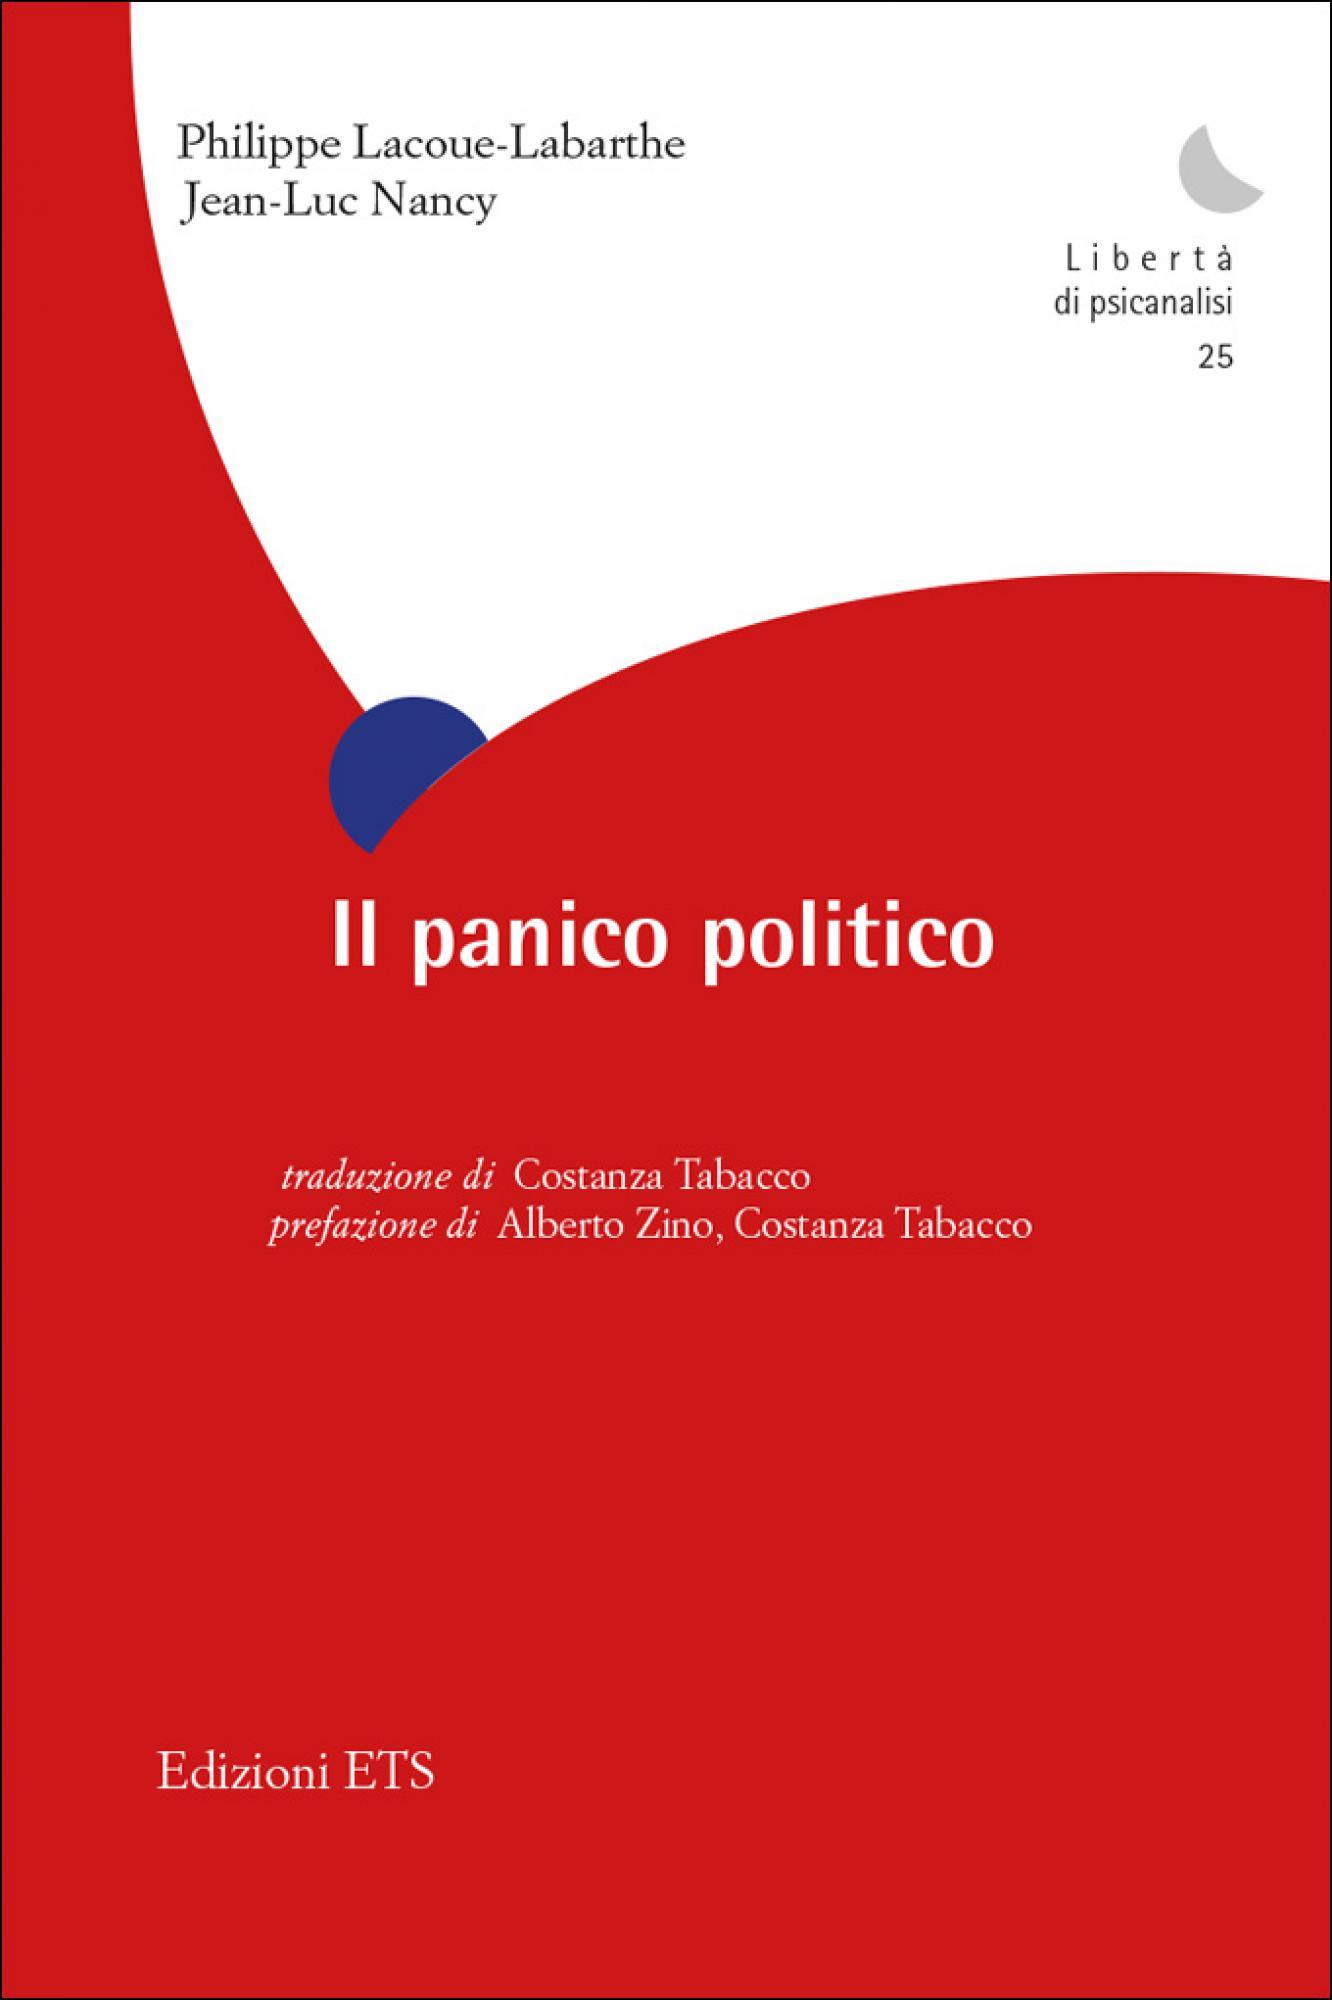 Il panico politico